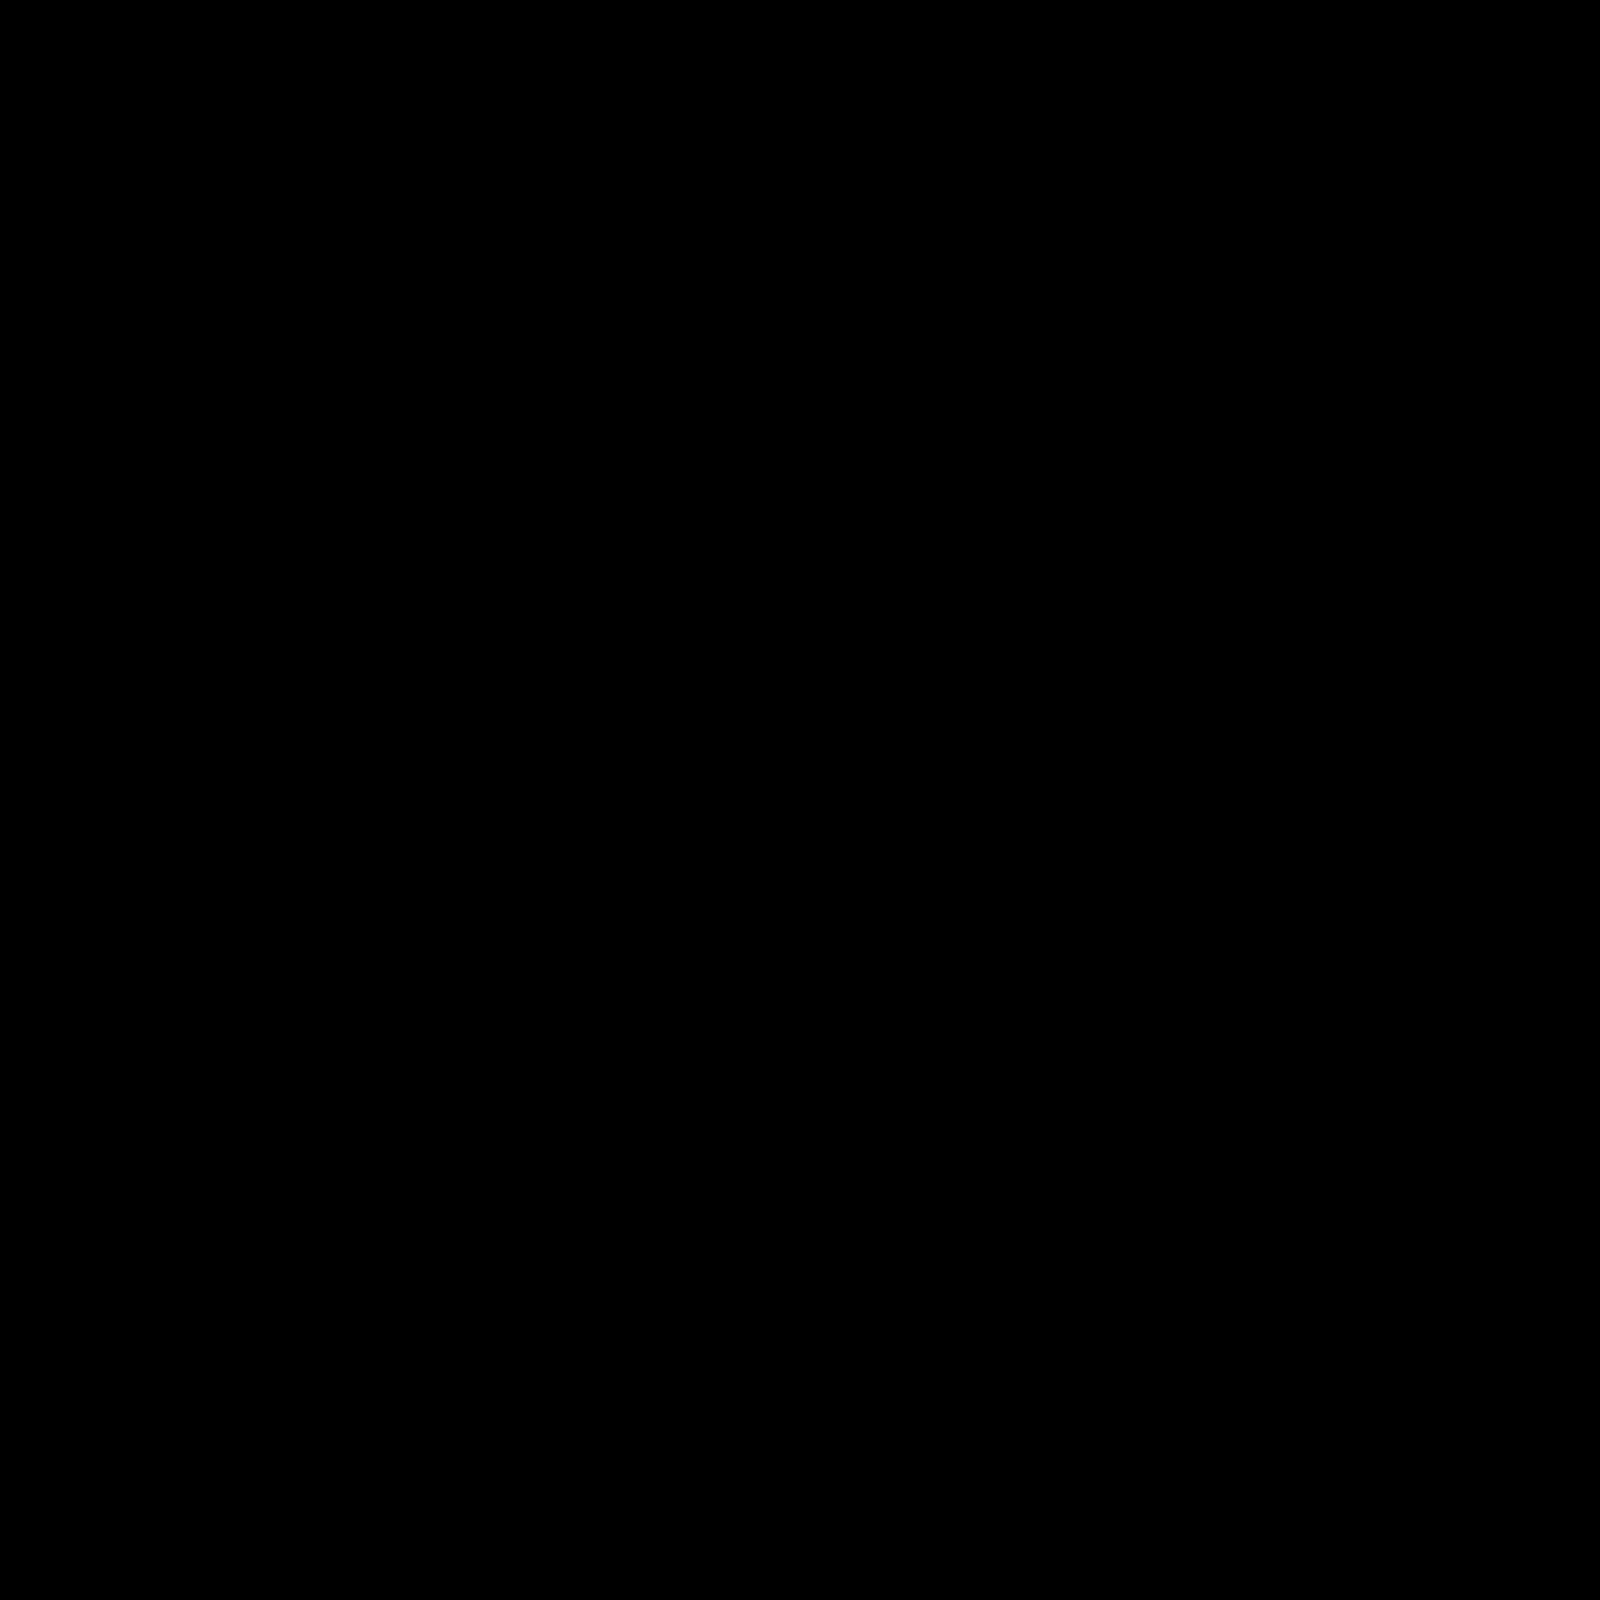 Spachtel icon